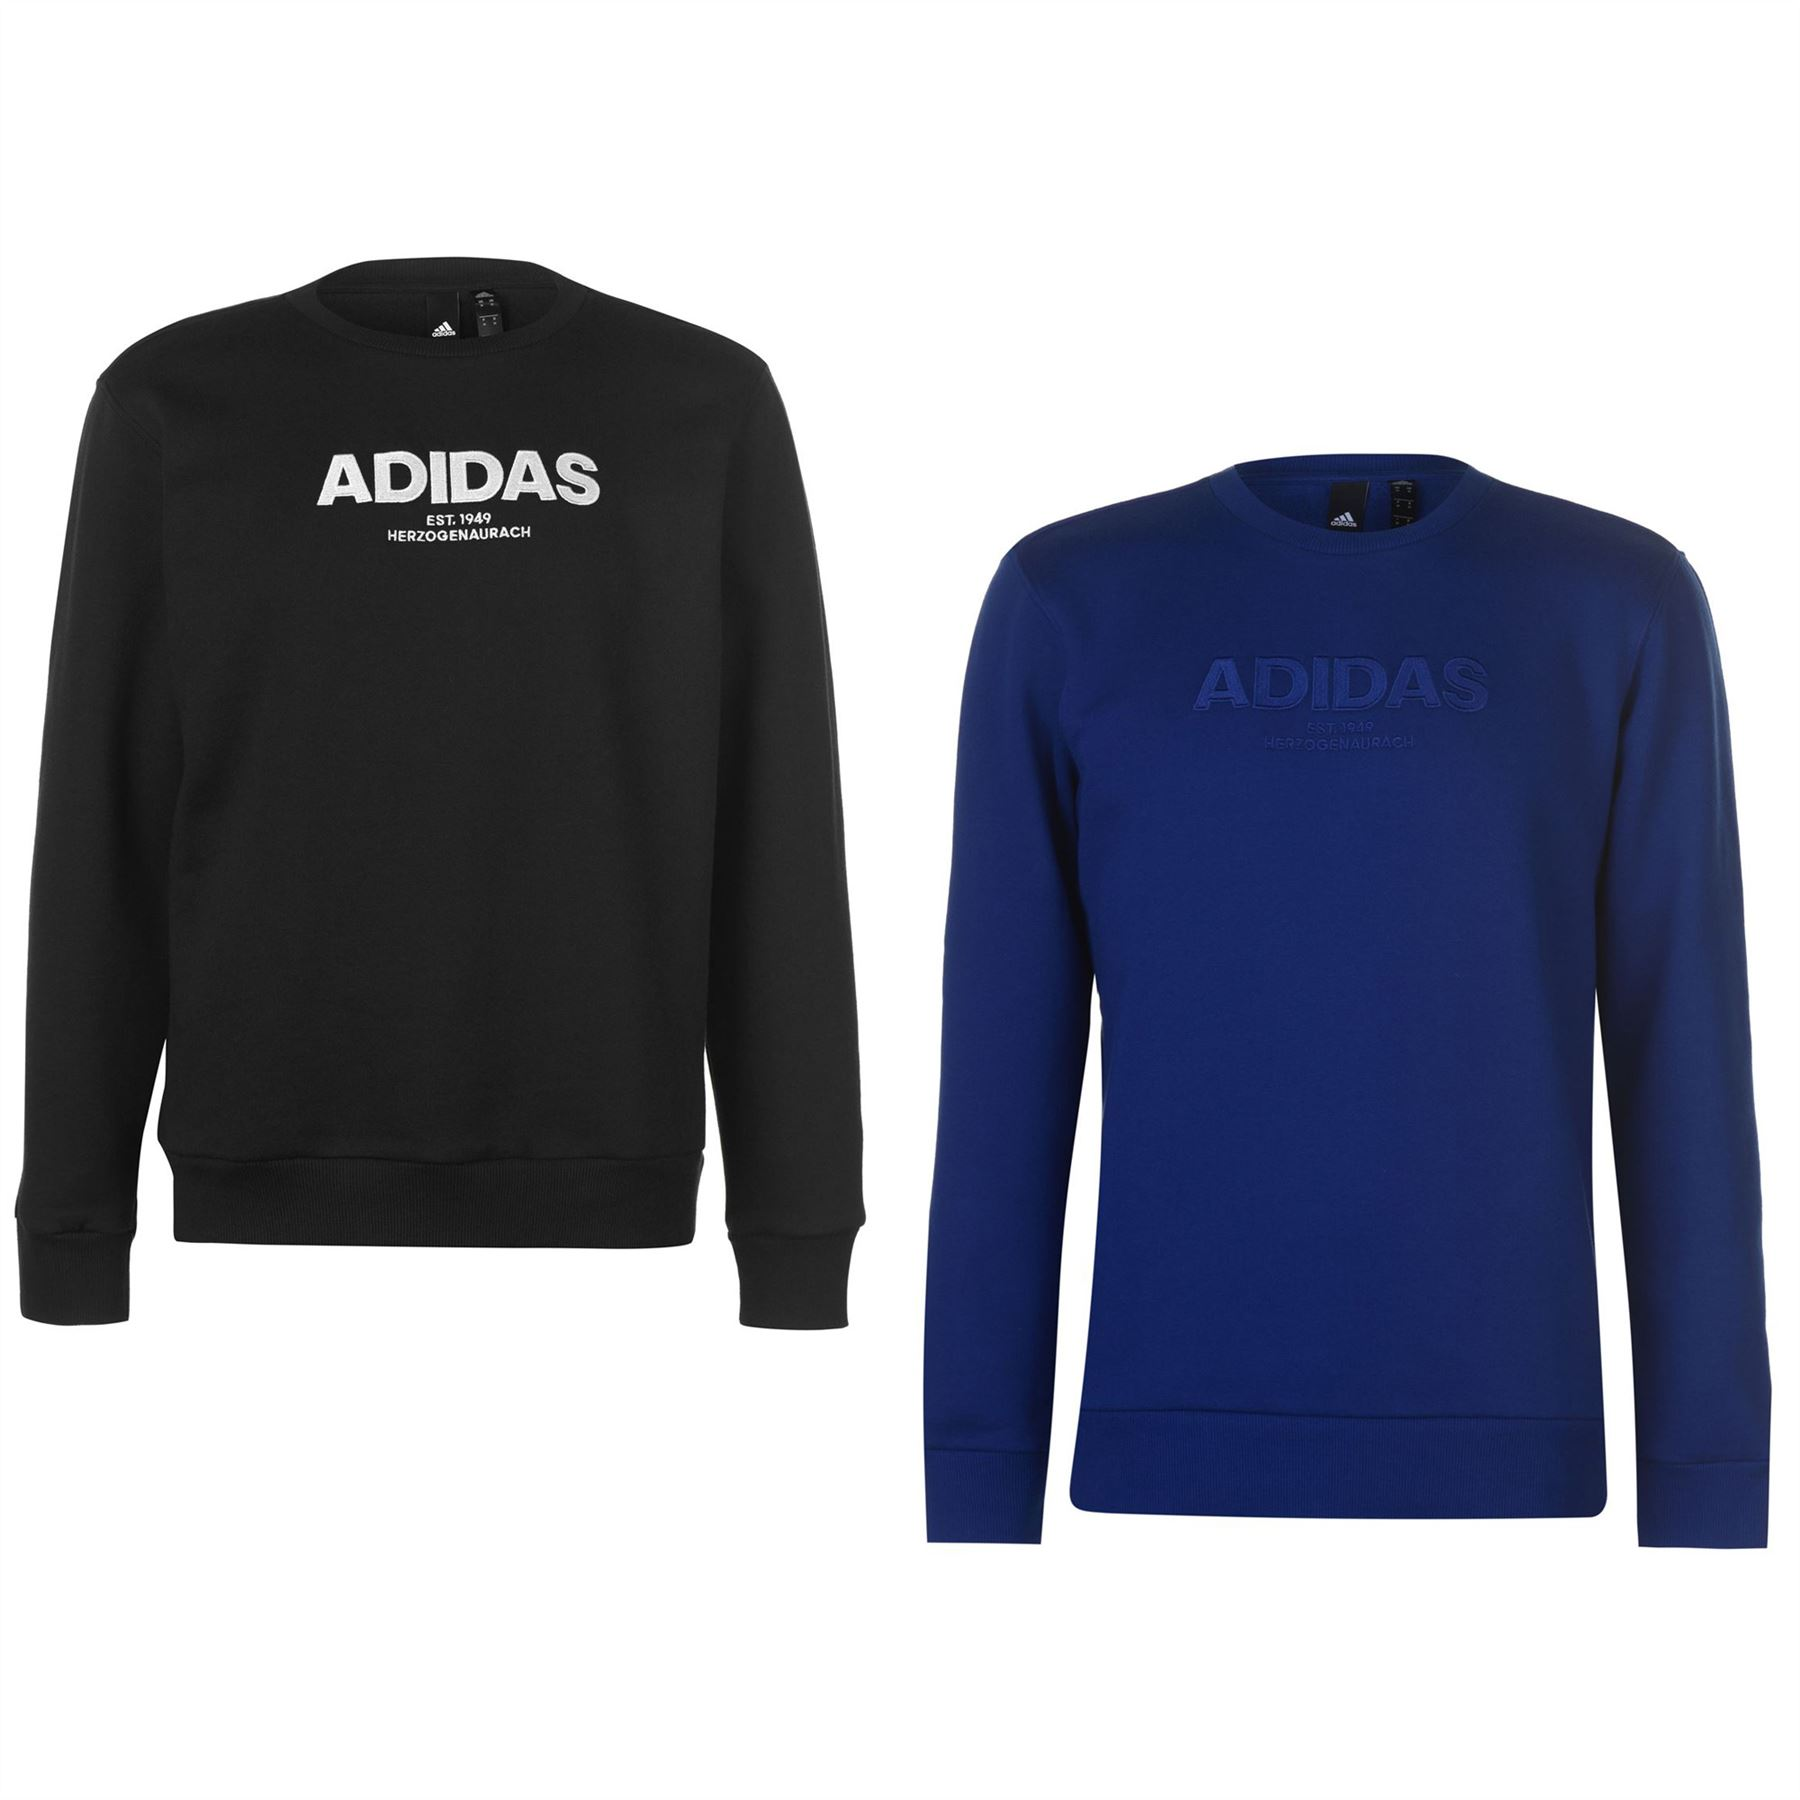 Adidas Pullover Herren Günstig |adidas Herrenpullover auf